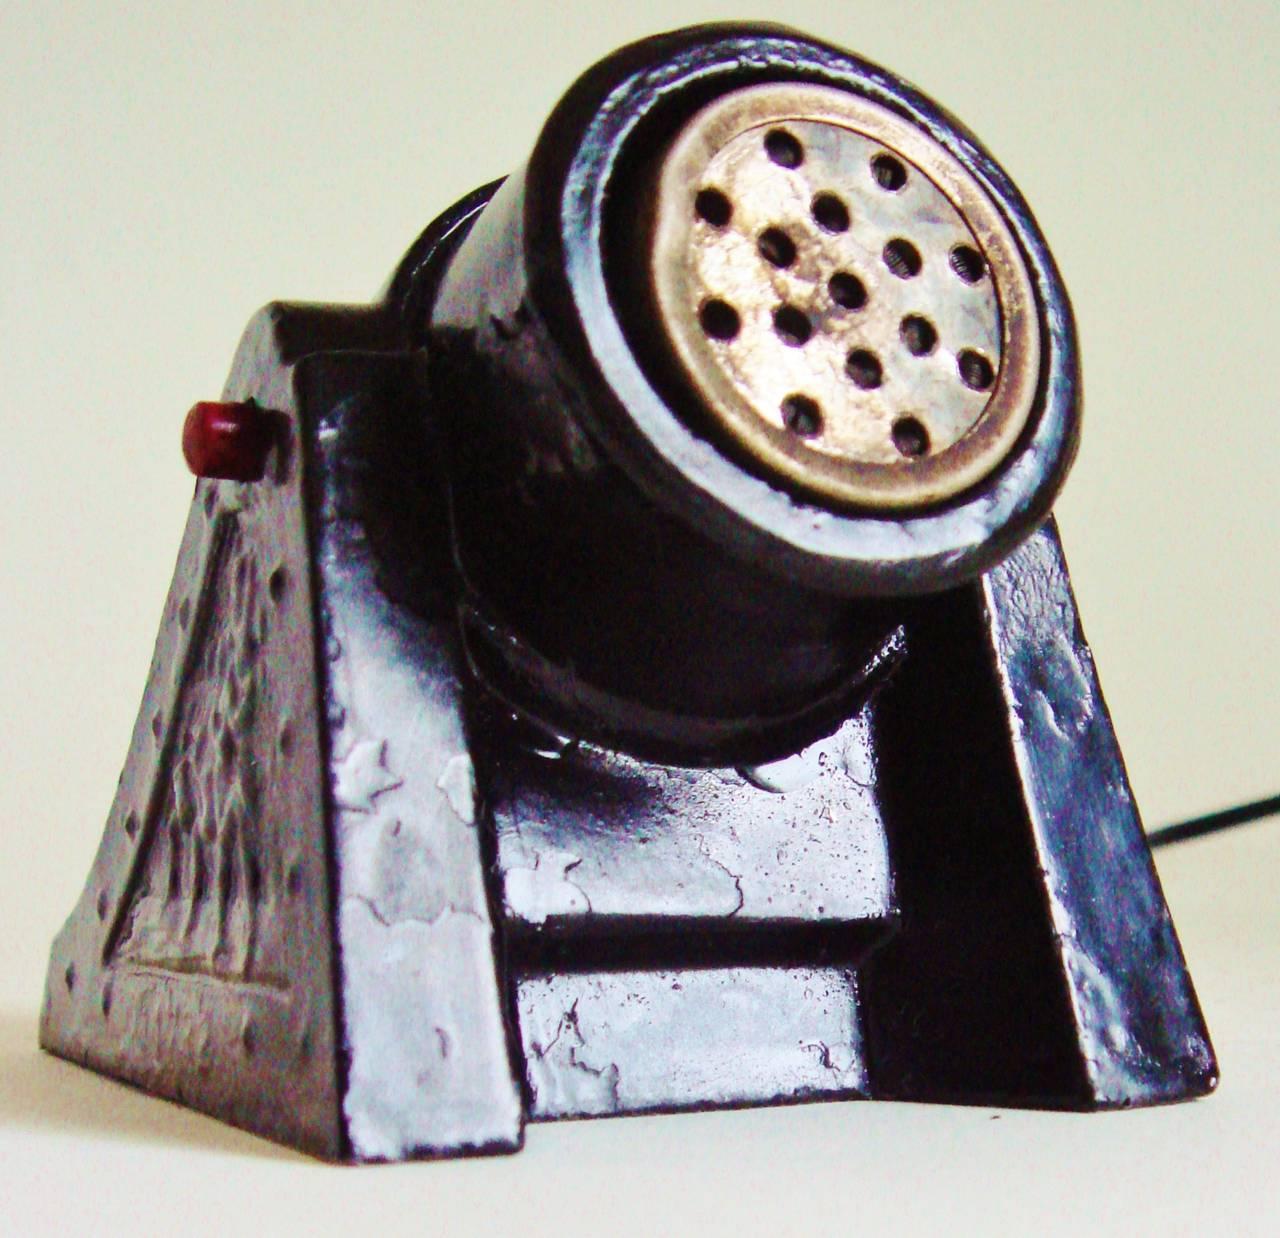 Rare American Art Deco Washington Bicentennial Souvenir, Electric Cigar Lighter For Sale 3